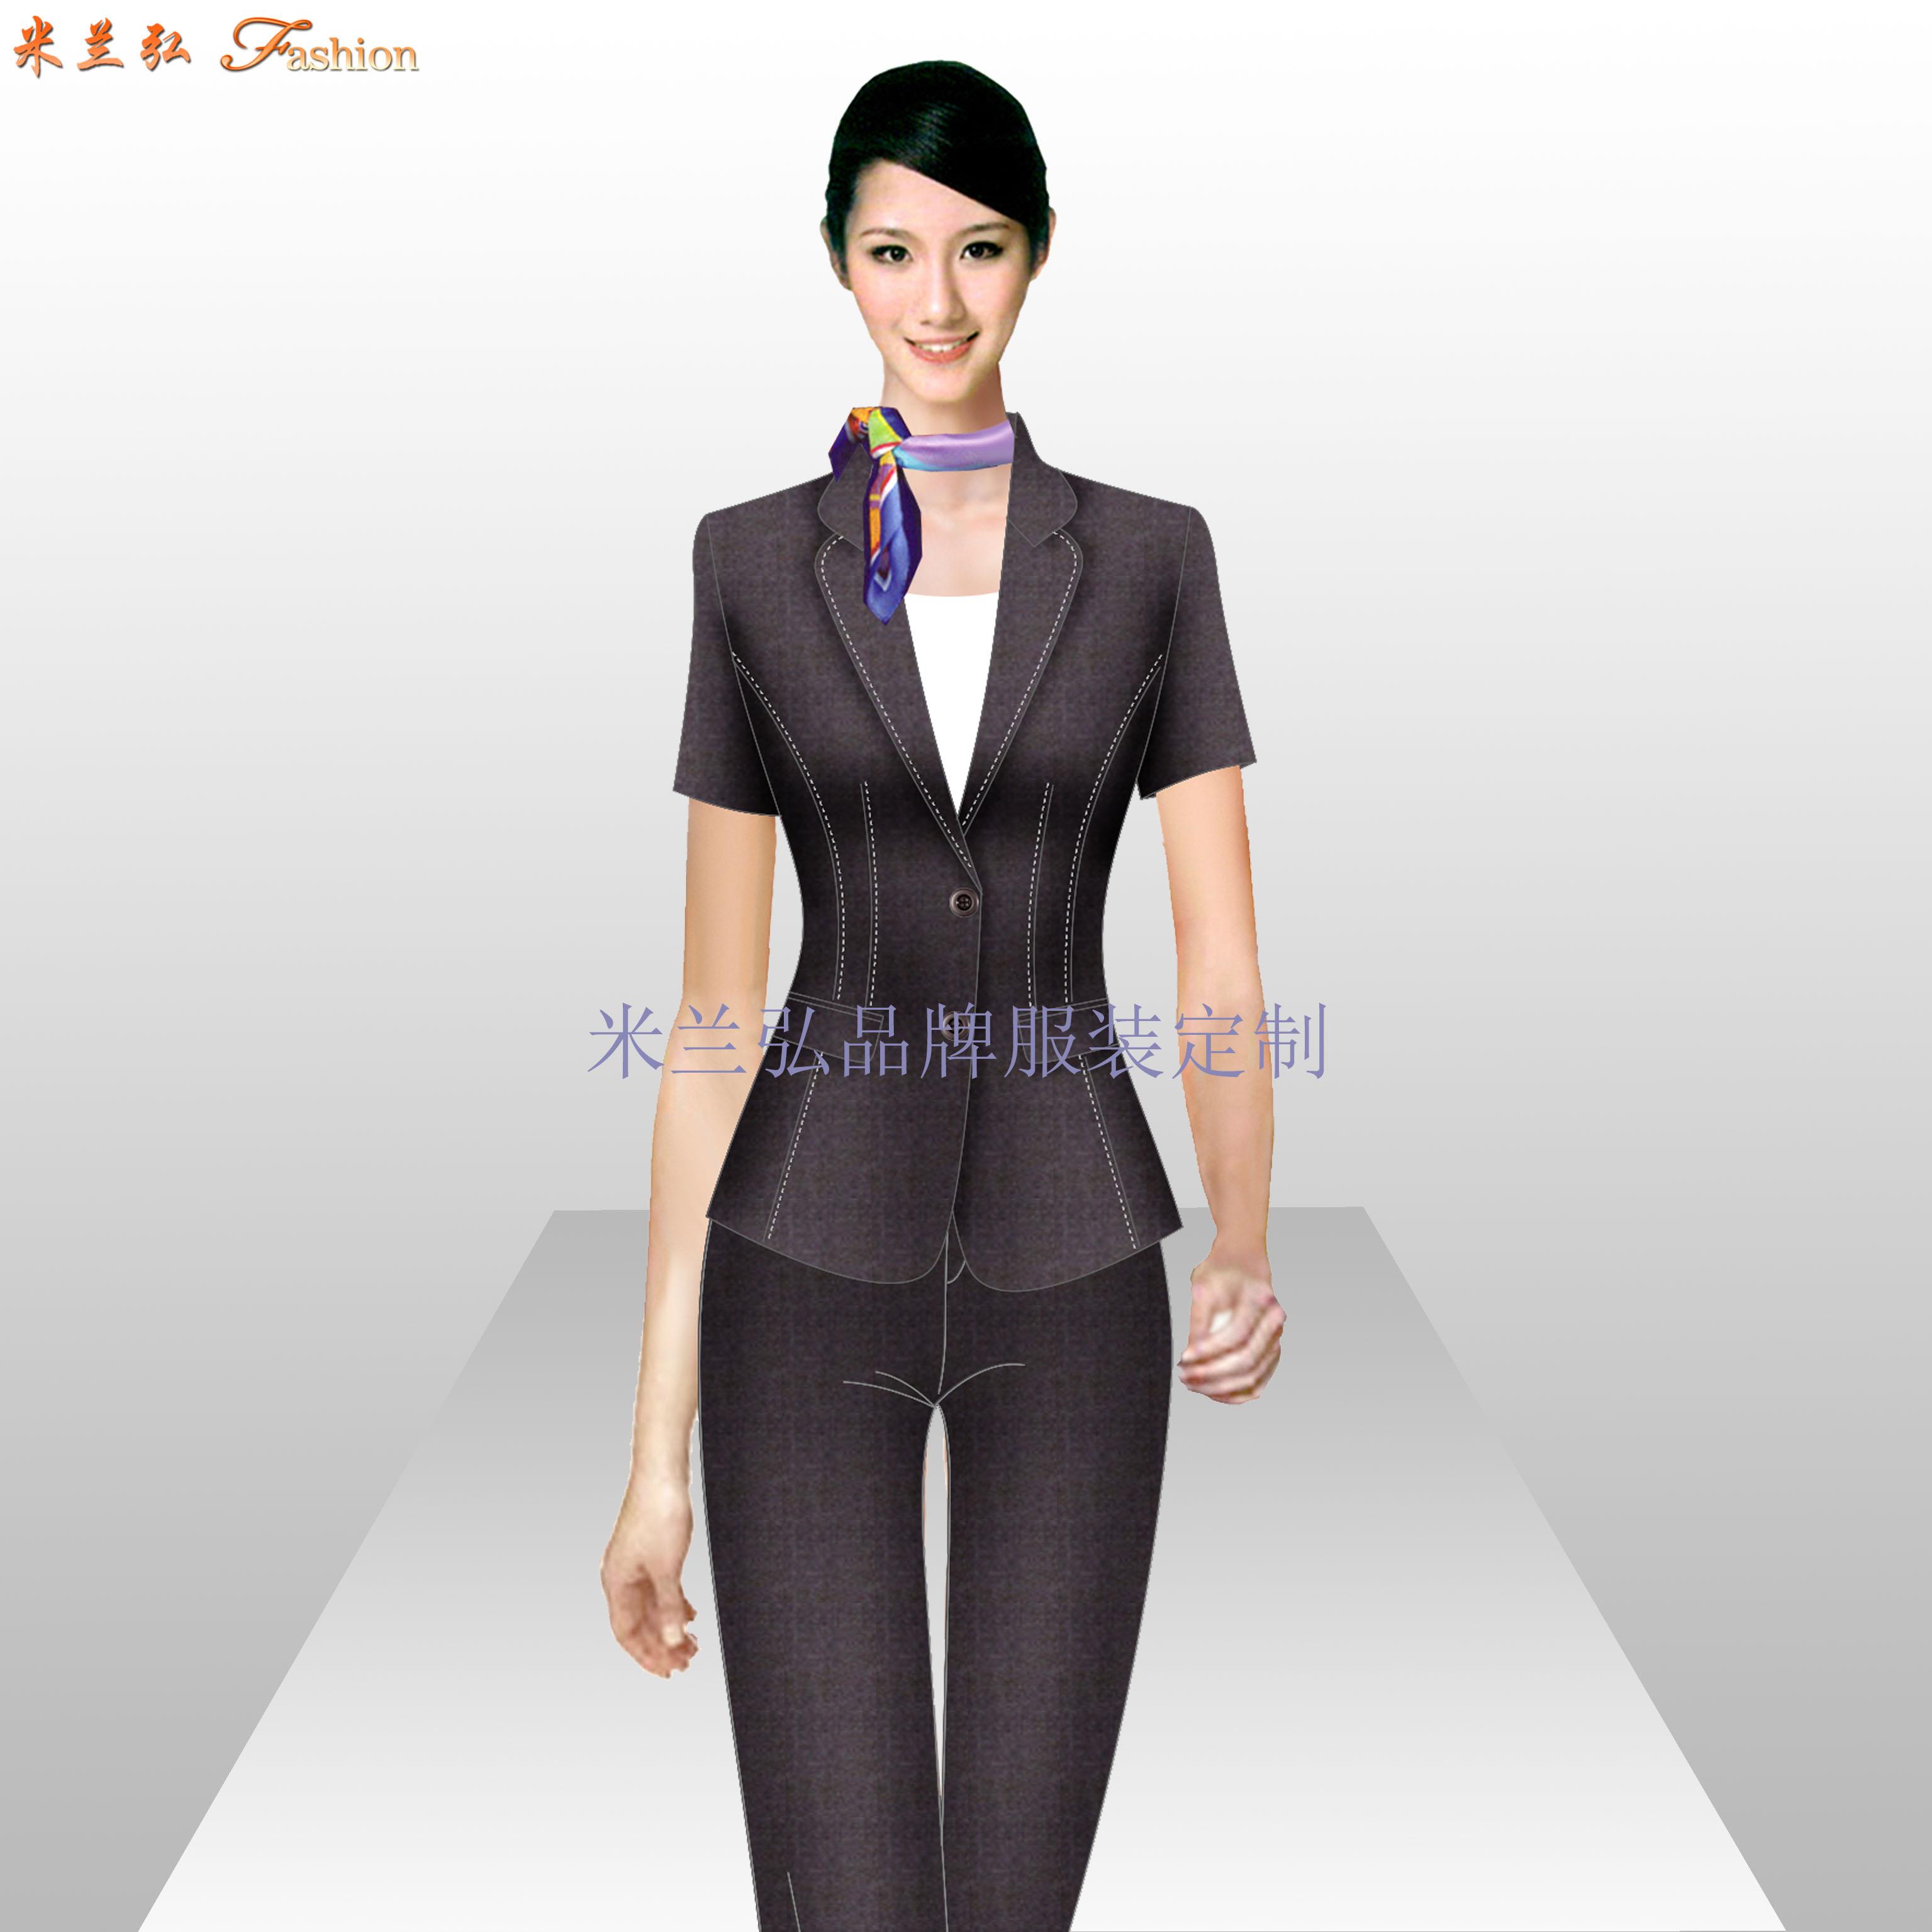 無錫西服定制_江蘇無錫職業裝裝訂做-米蘭弘服裝廠家-2